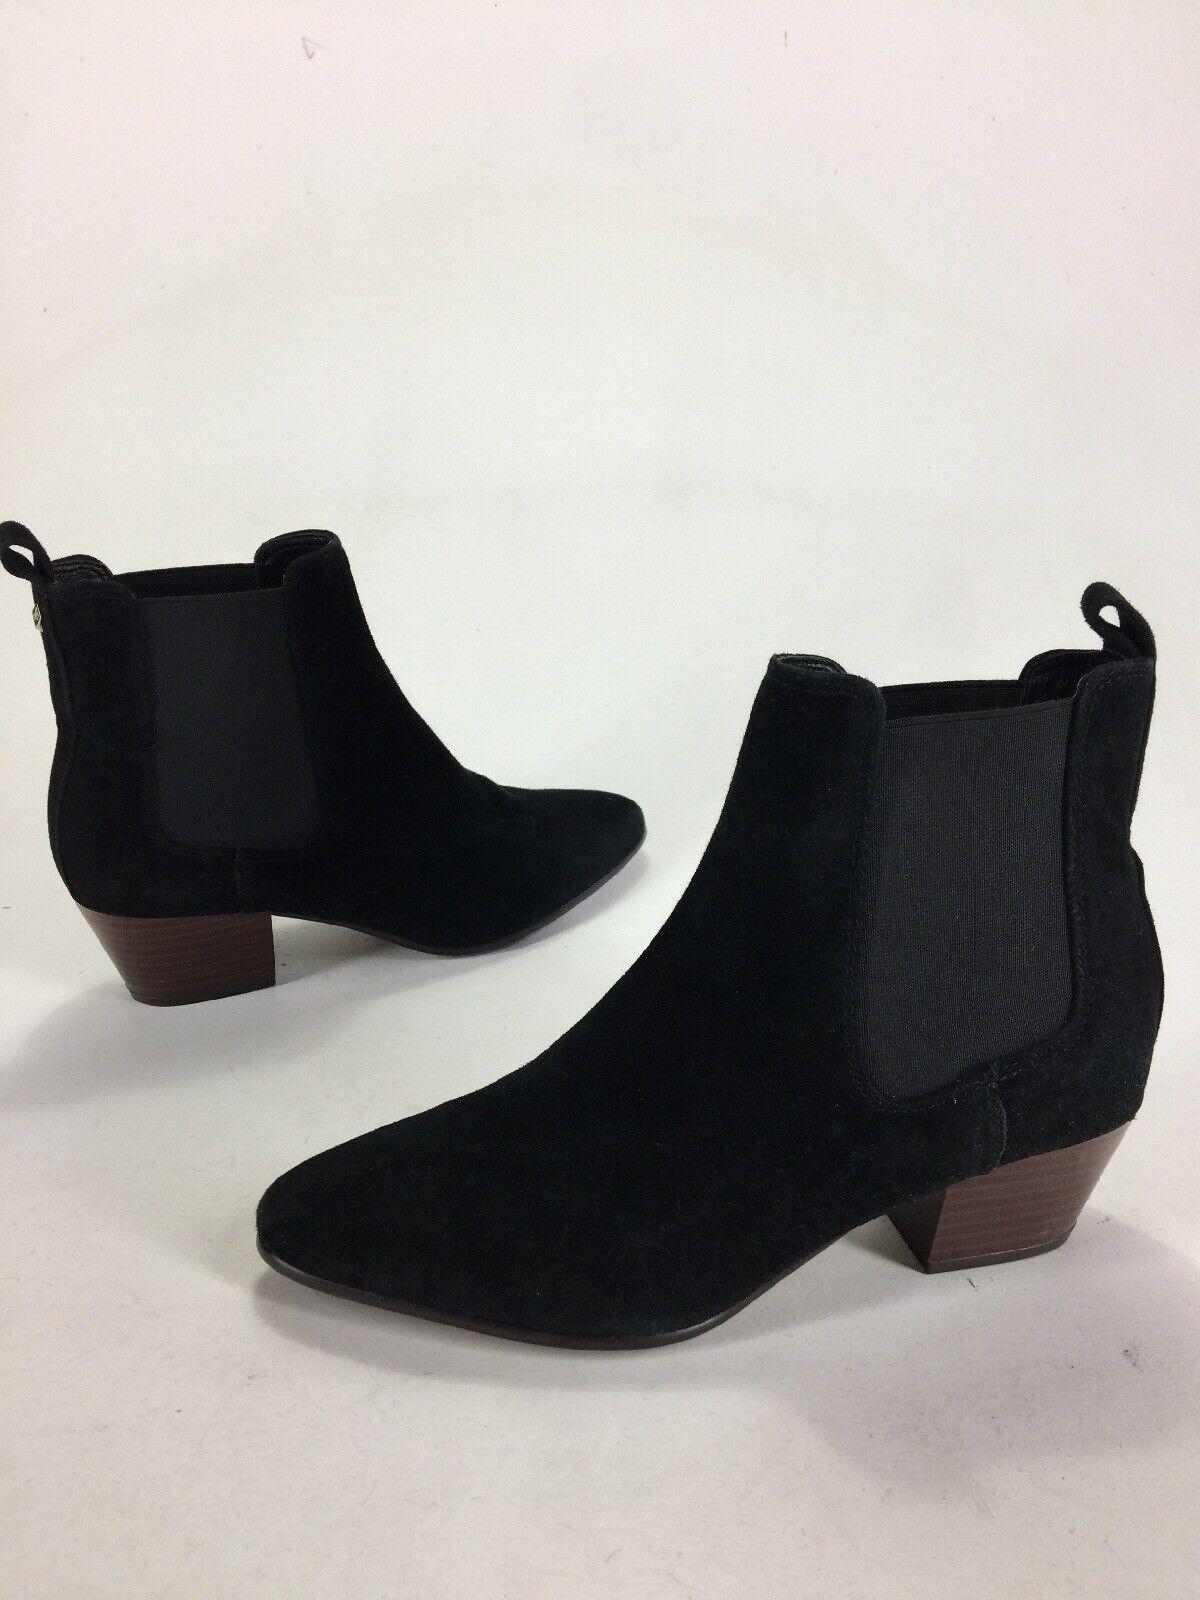 Mujeres Sam Edelman Reese botas botas botas al tobillo Botines Gamuza Negra Talla 6  tienda en linea